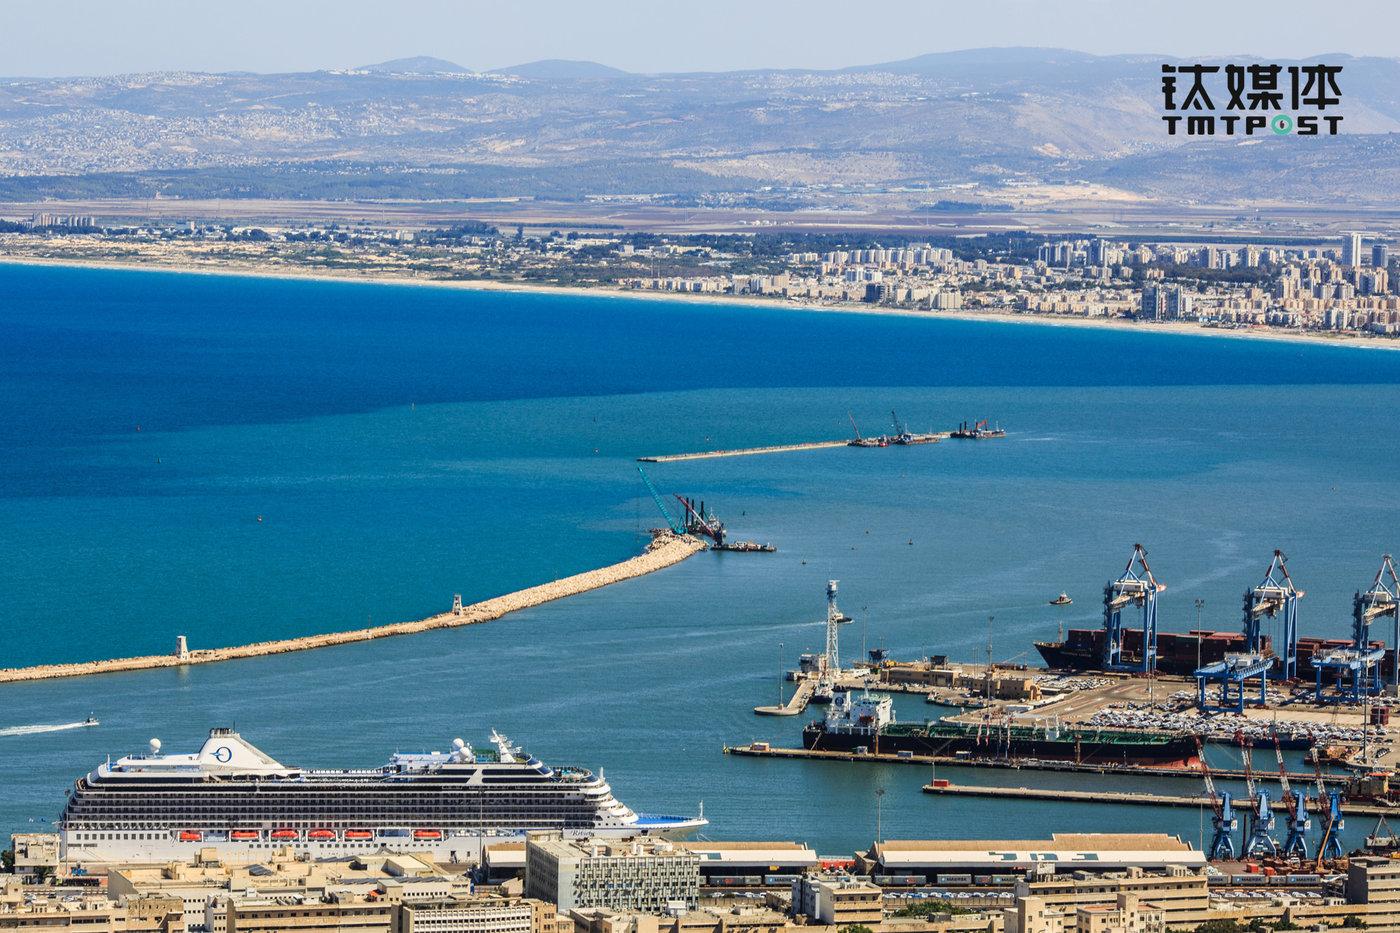 站在海法巴哈空中花园顶端,可俯瞰地中海沿岸的怡人景色。(图/朱玲玉)